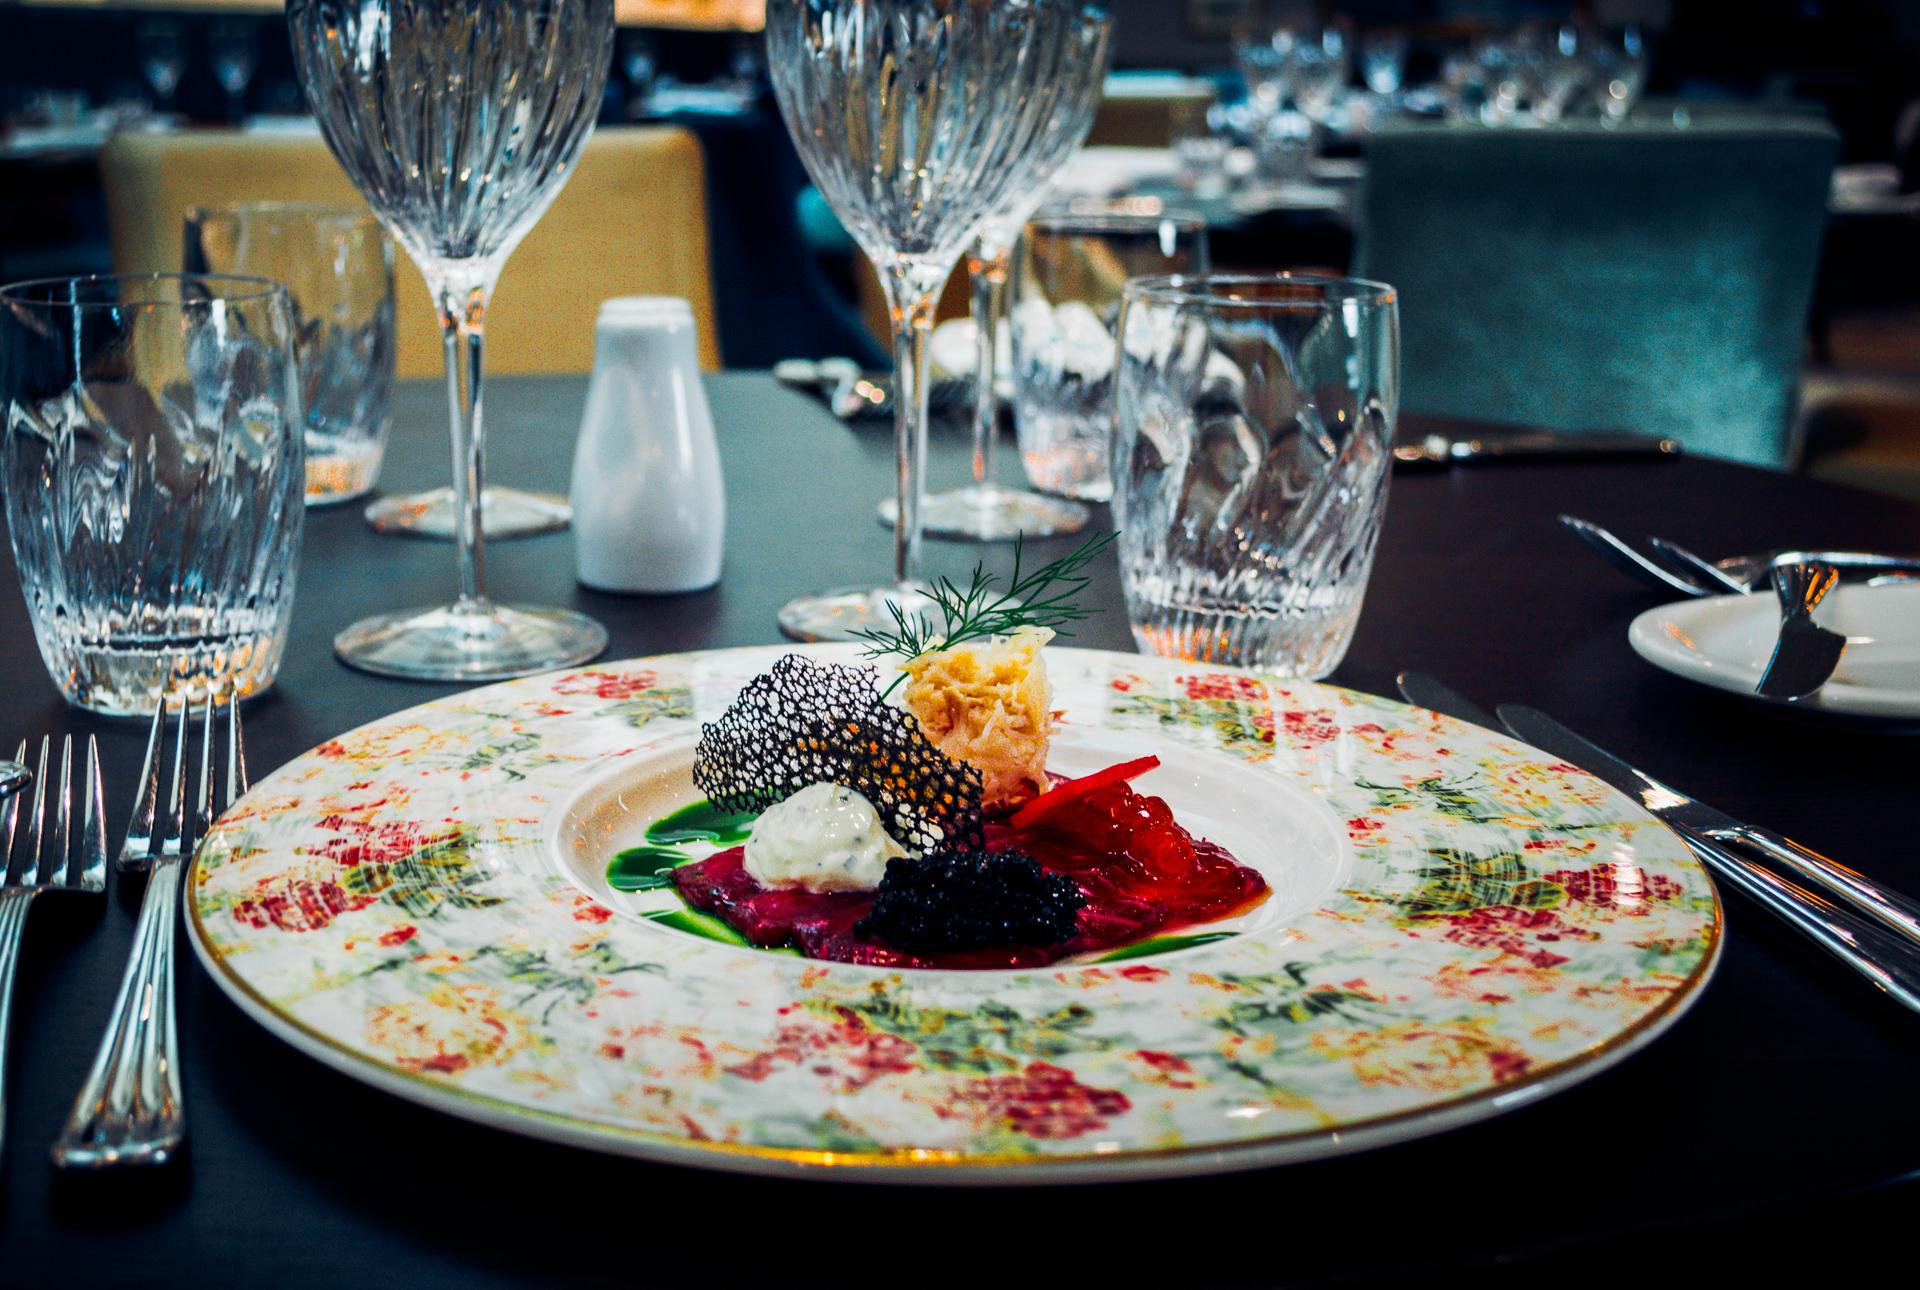 cheffins-beaumont-jersey-salmon-cravlax